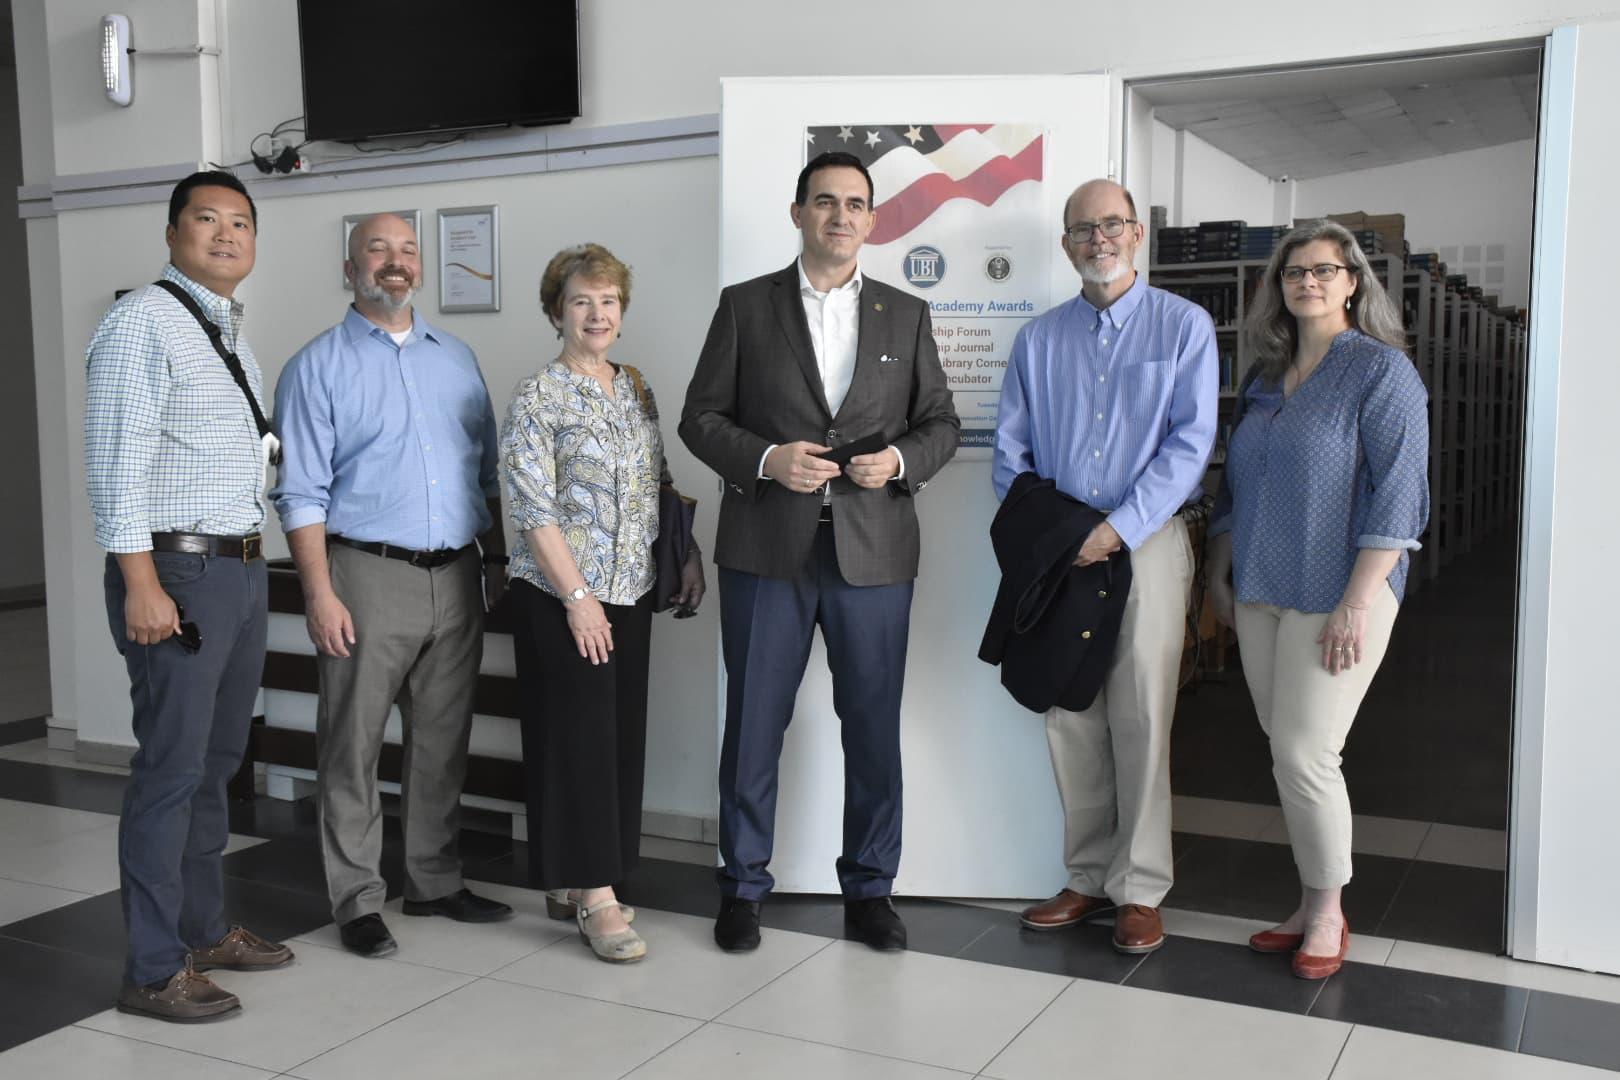 James Madison University shpreh interesim për të nisur bashkëpunimin me UBT-në